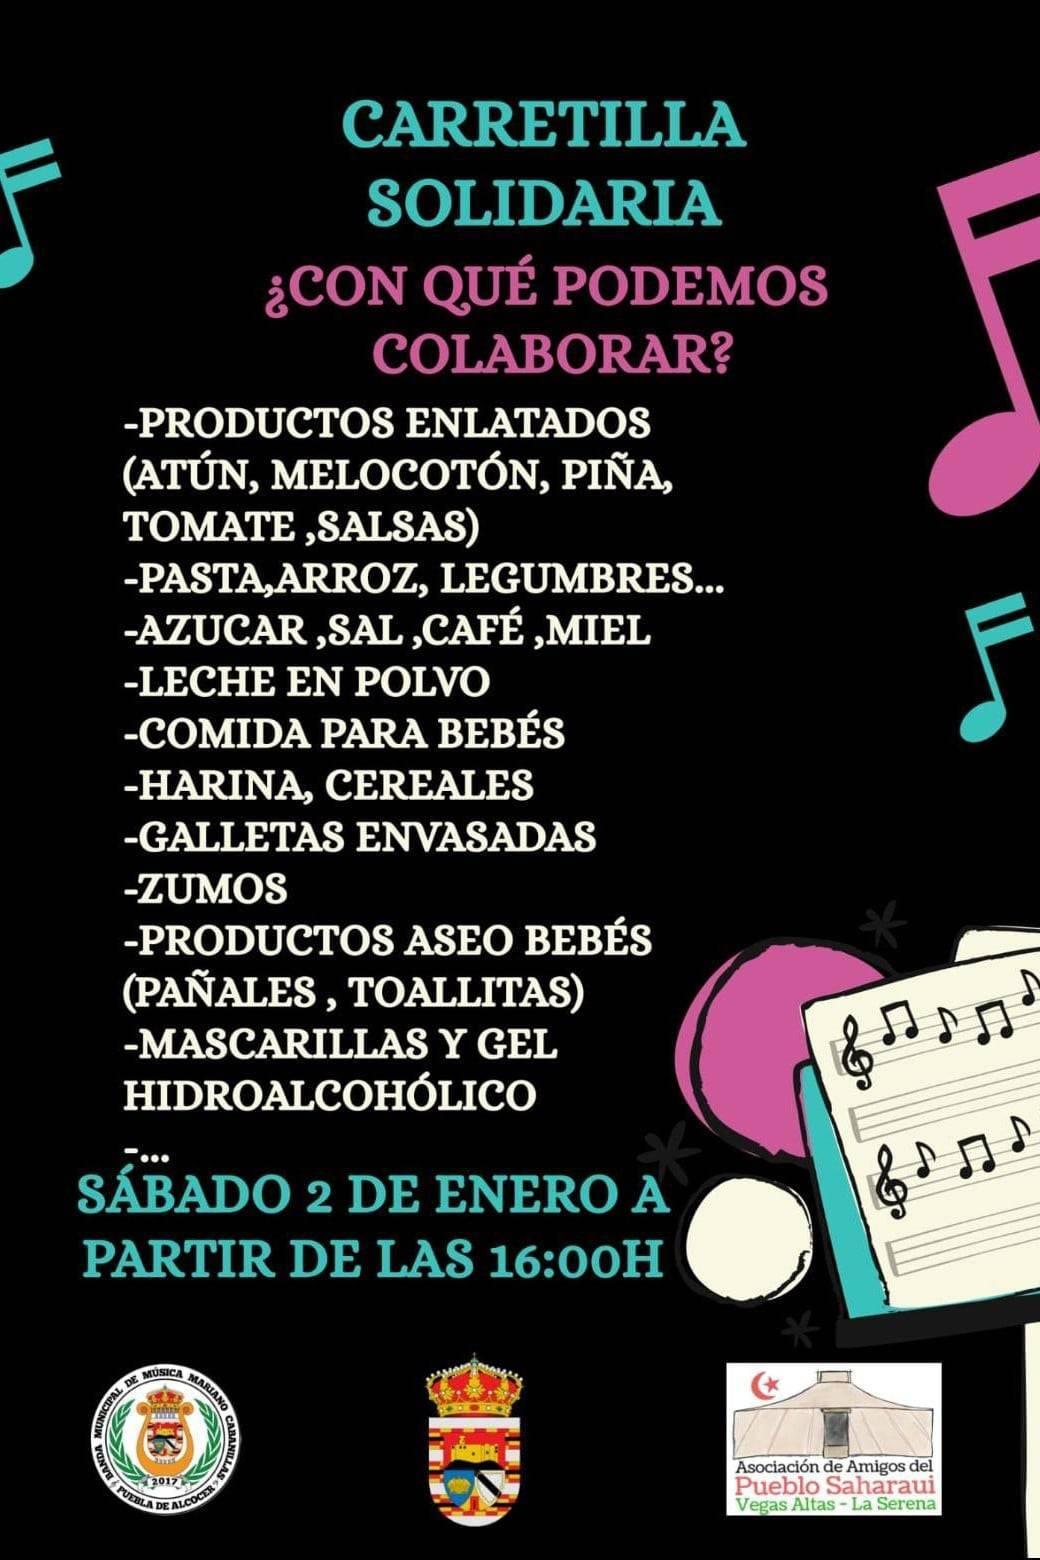 Carretilla solidaria (2021) - Puebla de Alcocer (Badajoz) 2